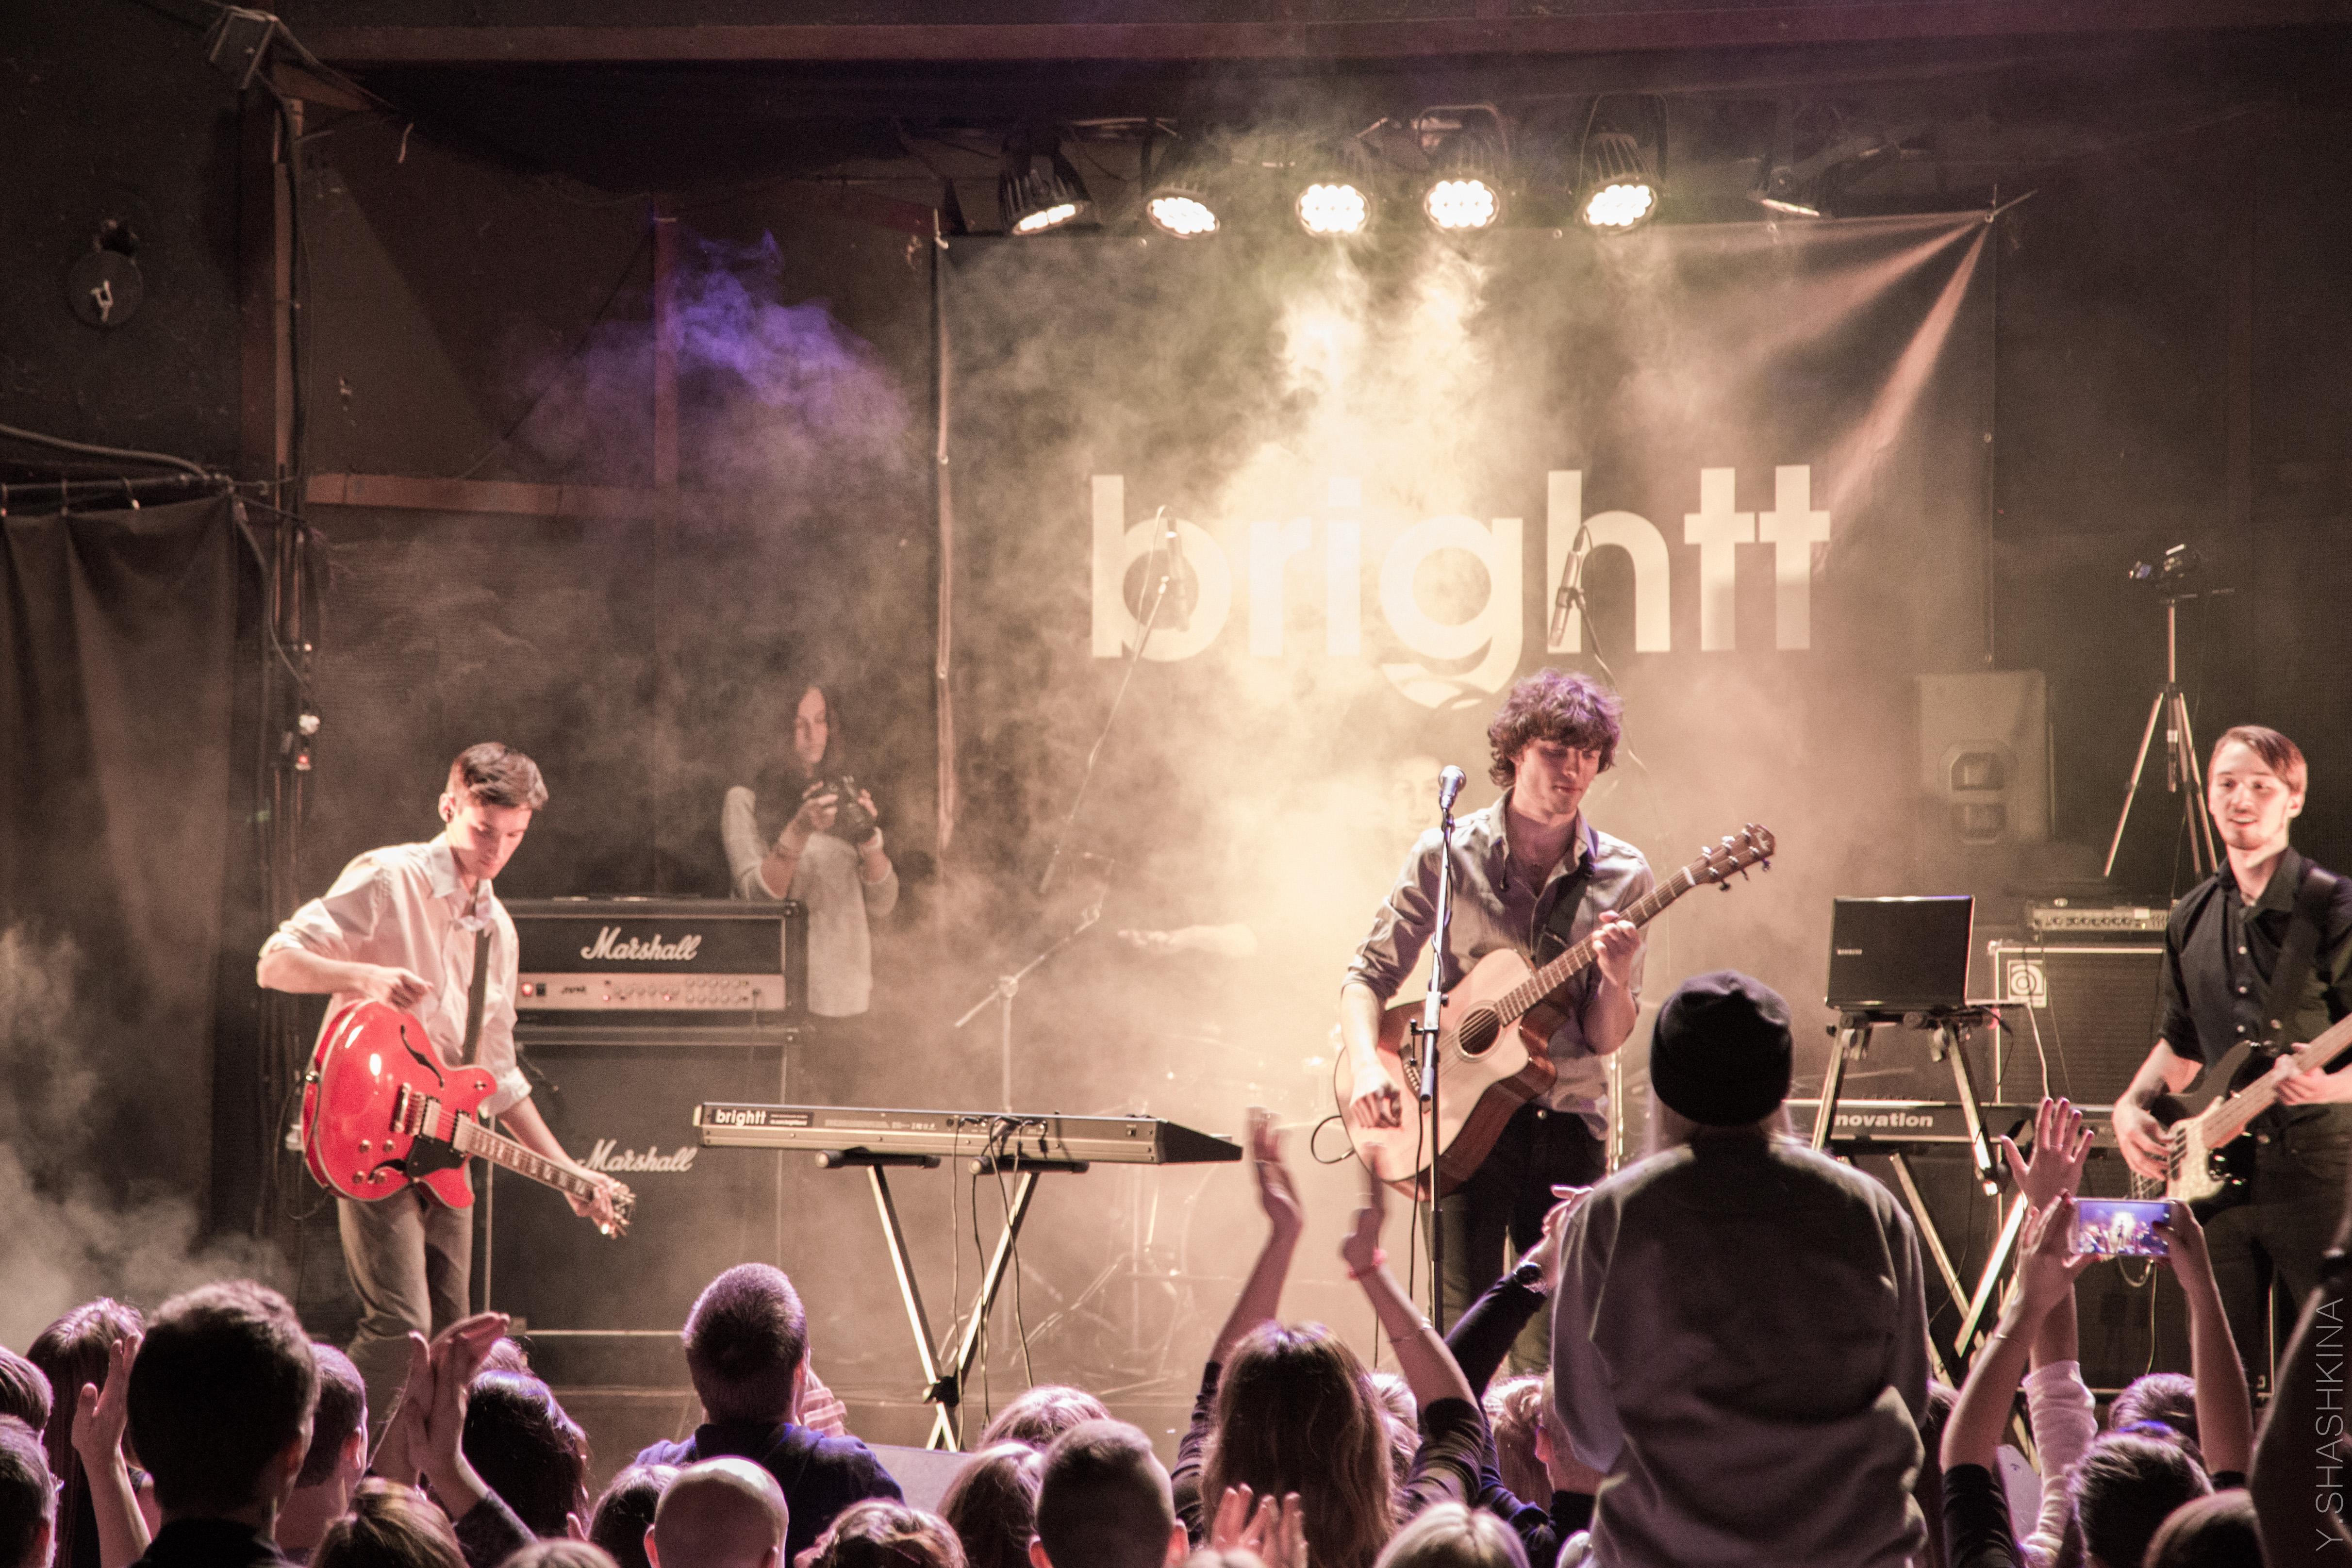 brightt